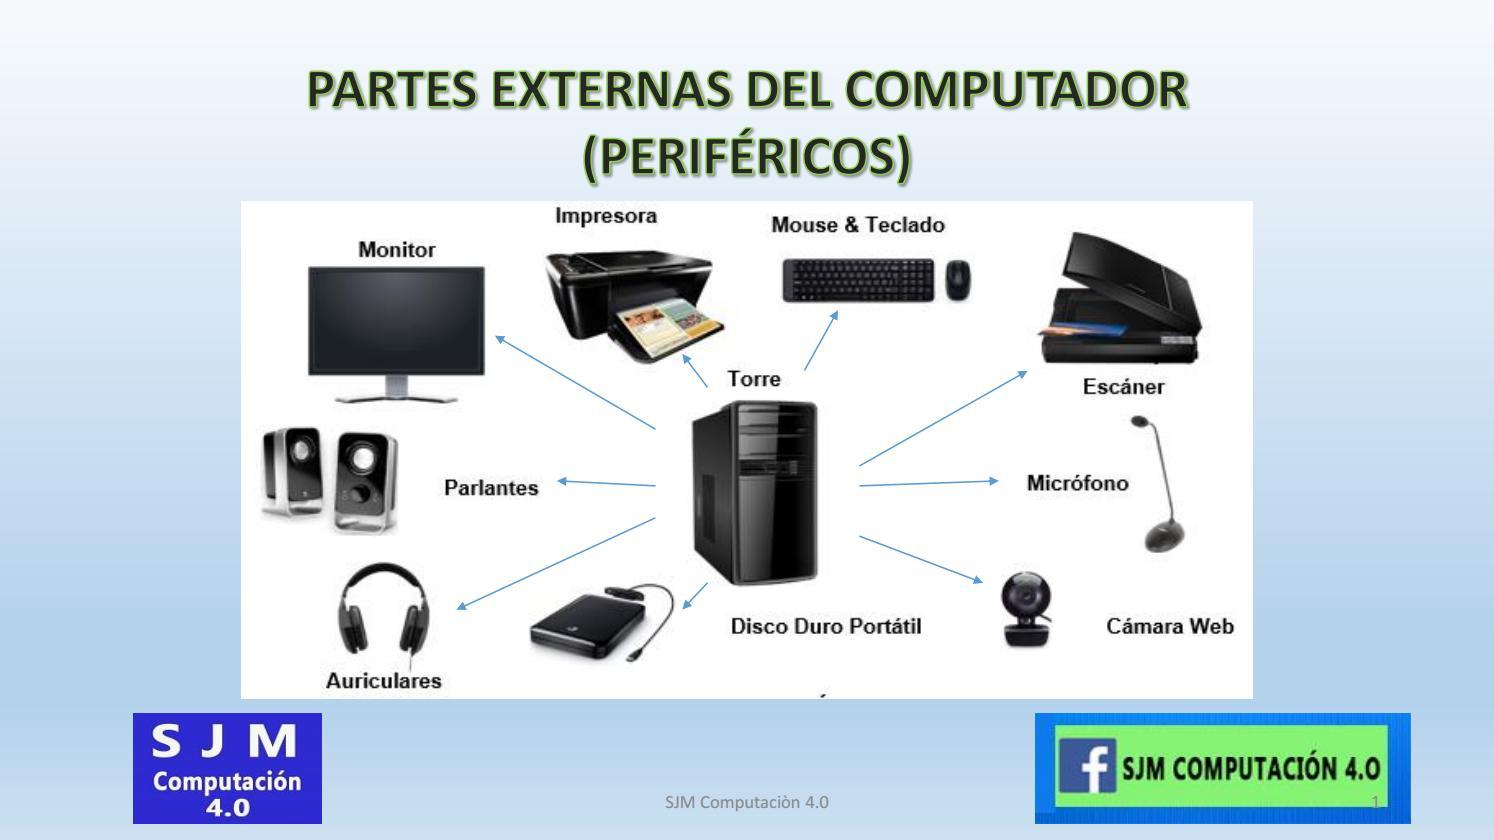 PARTES ESXTERNAS DEL COMPUTADOR (PERIFÉRICOS) by EMERSON51 - issuu